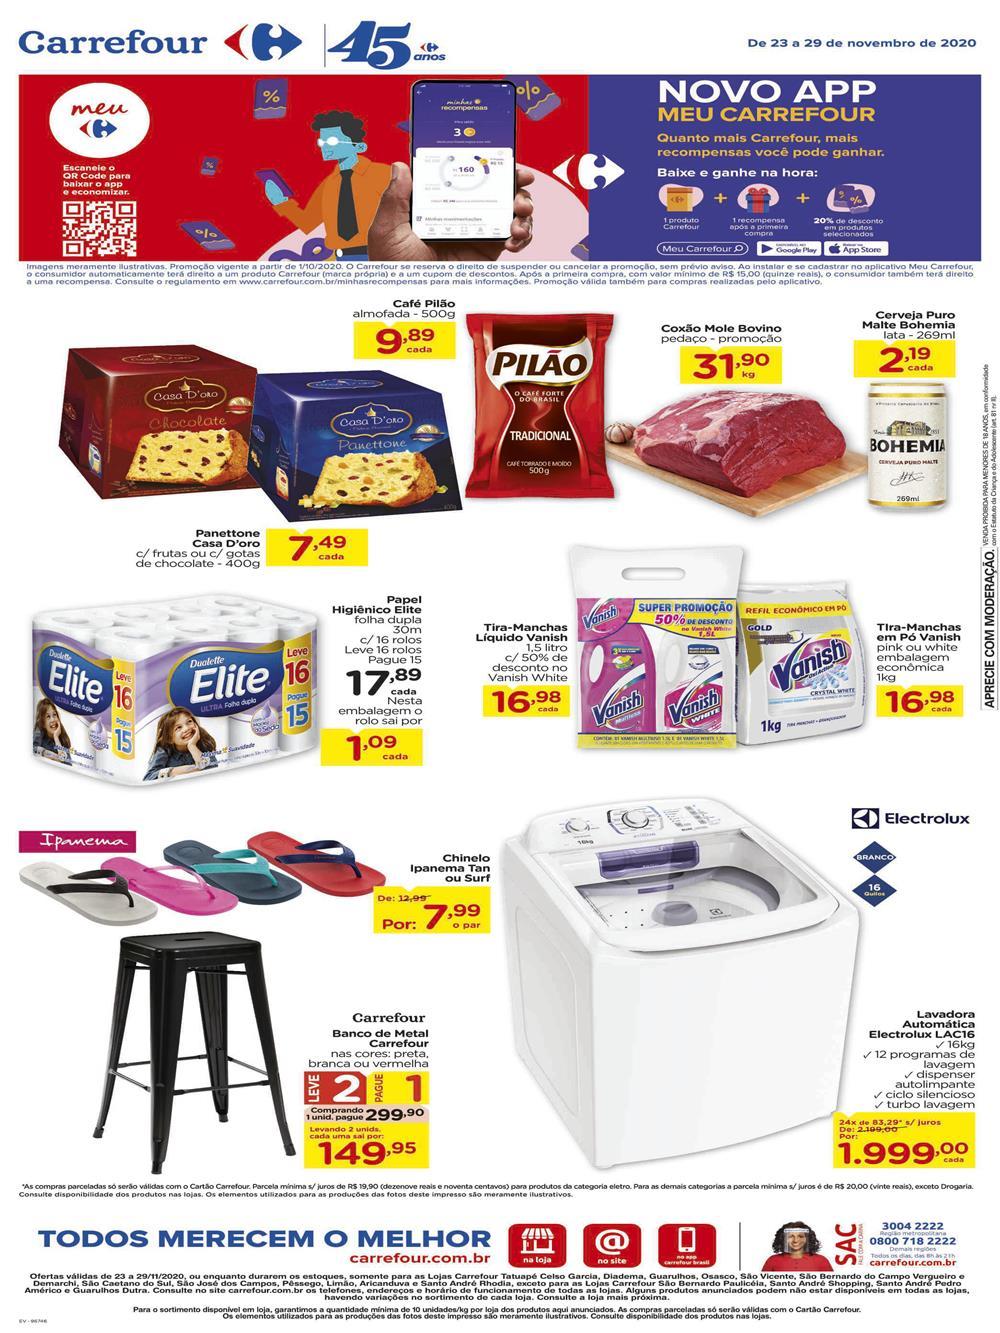 carrefour-ofertas-descontos-hoje2-5 Black Friday Carrefour até 29/11